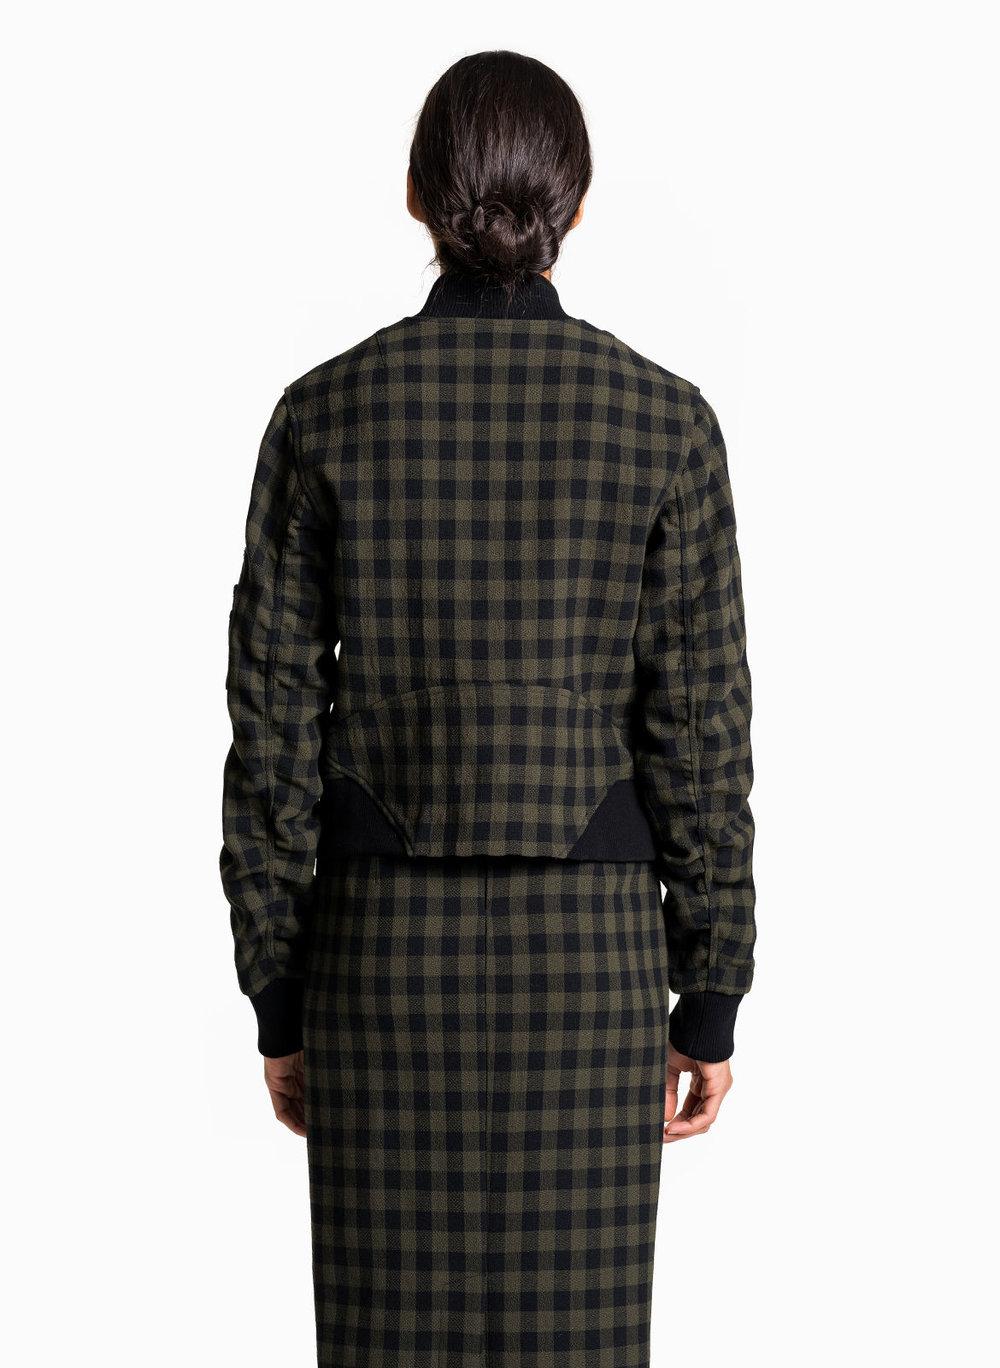 64_andrew_jacket_thea_skirt_0061.jpg